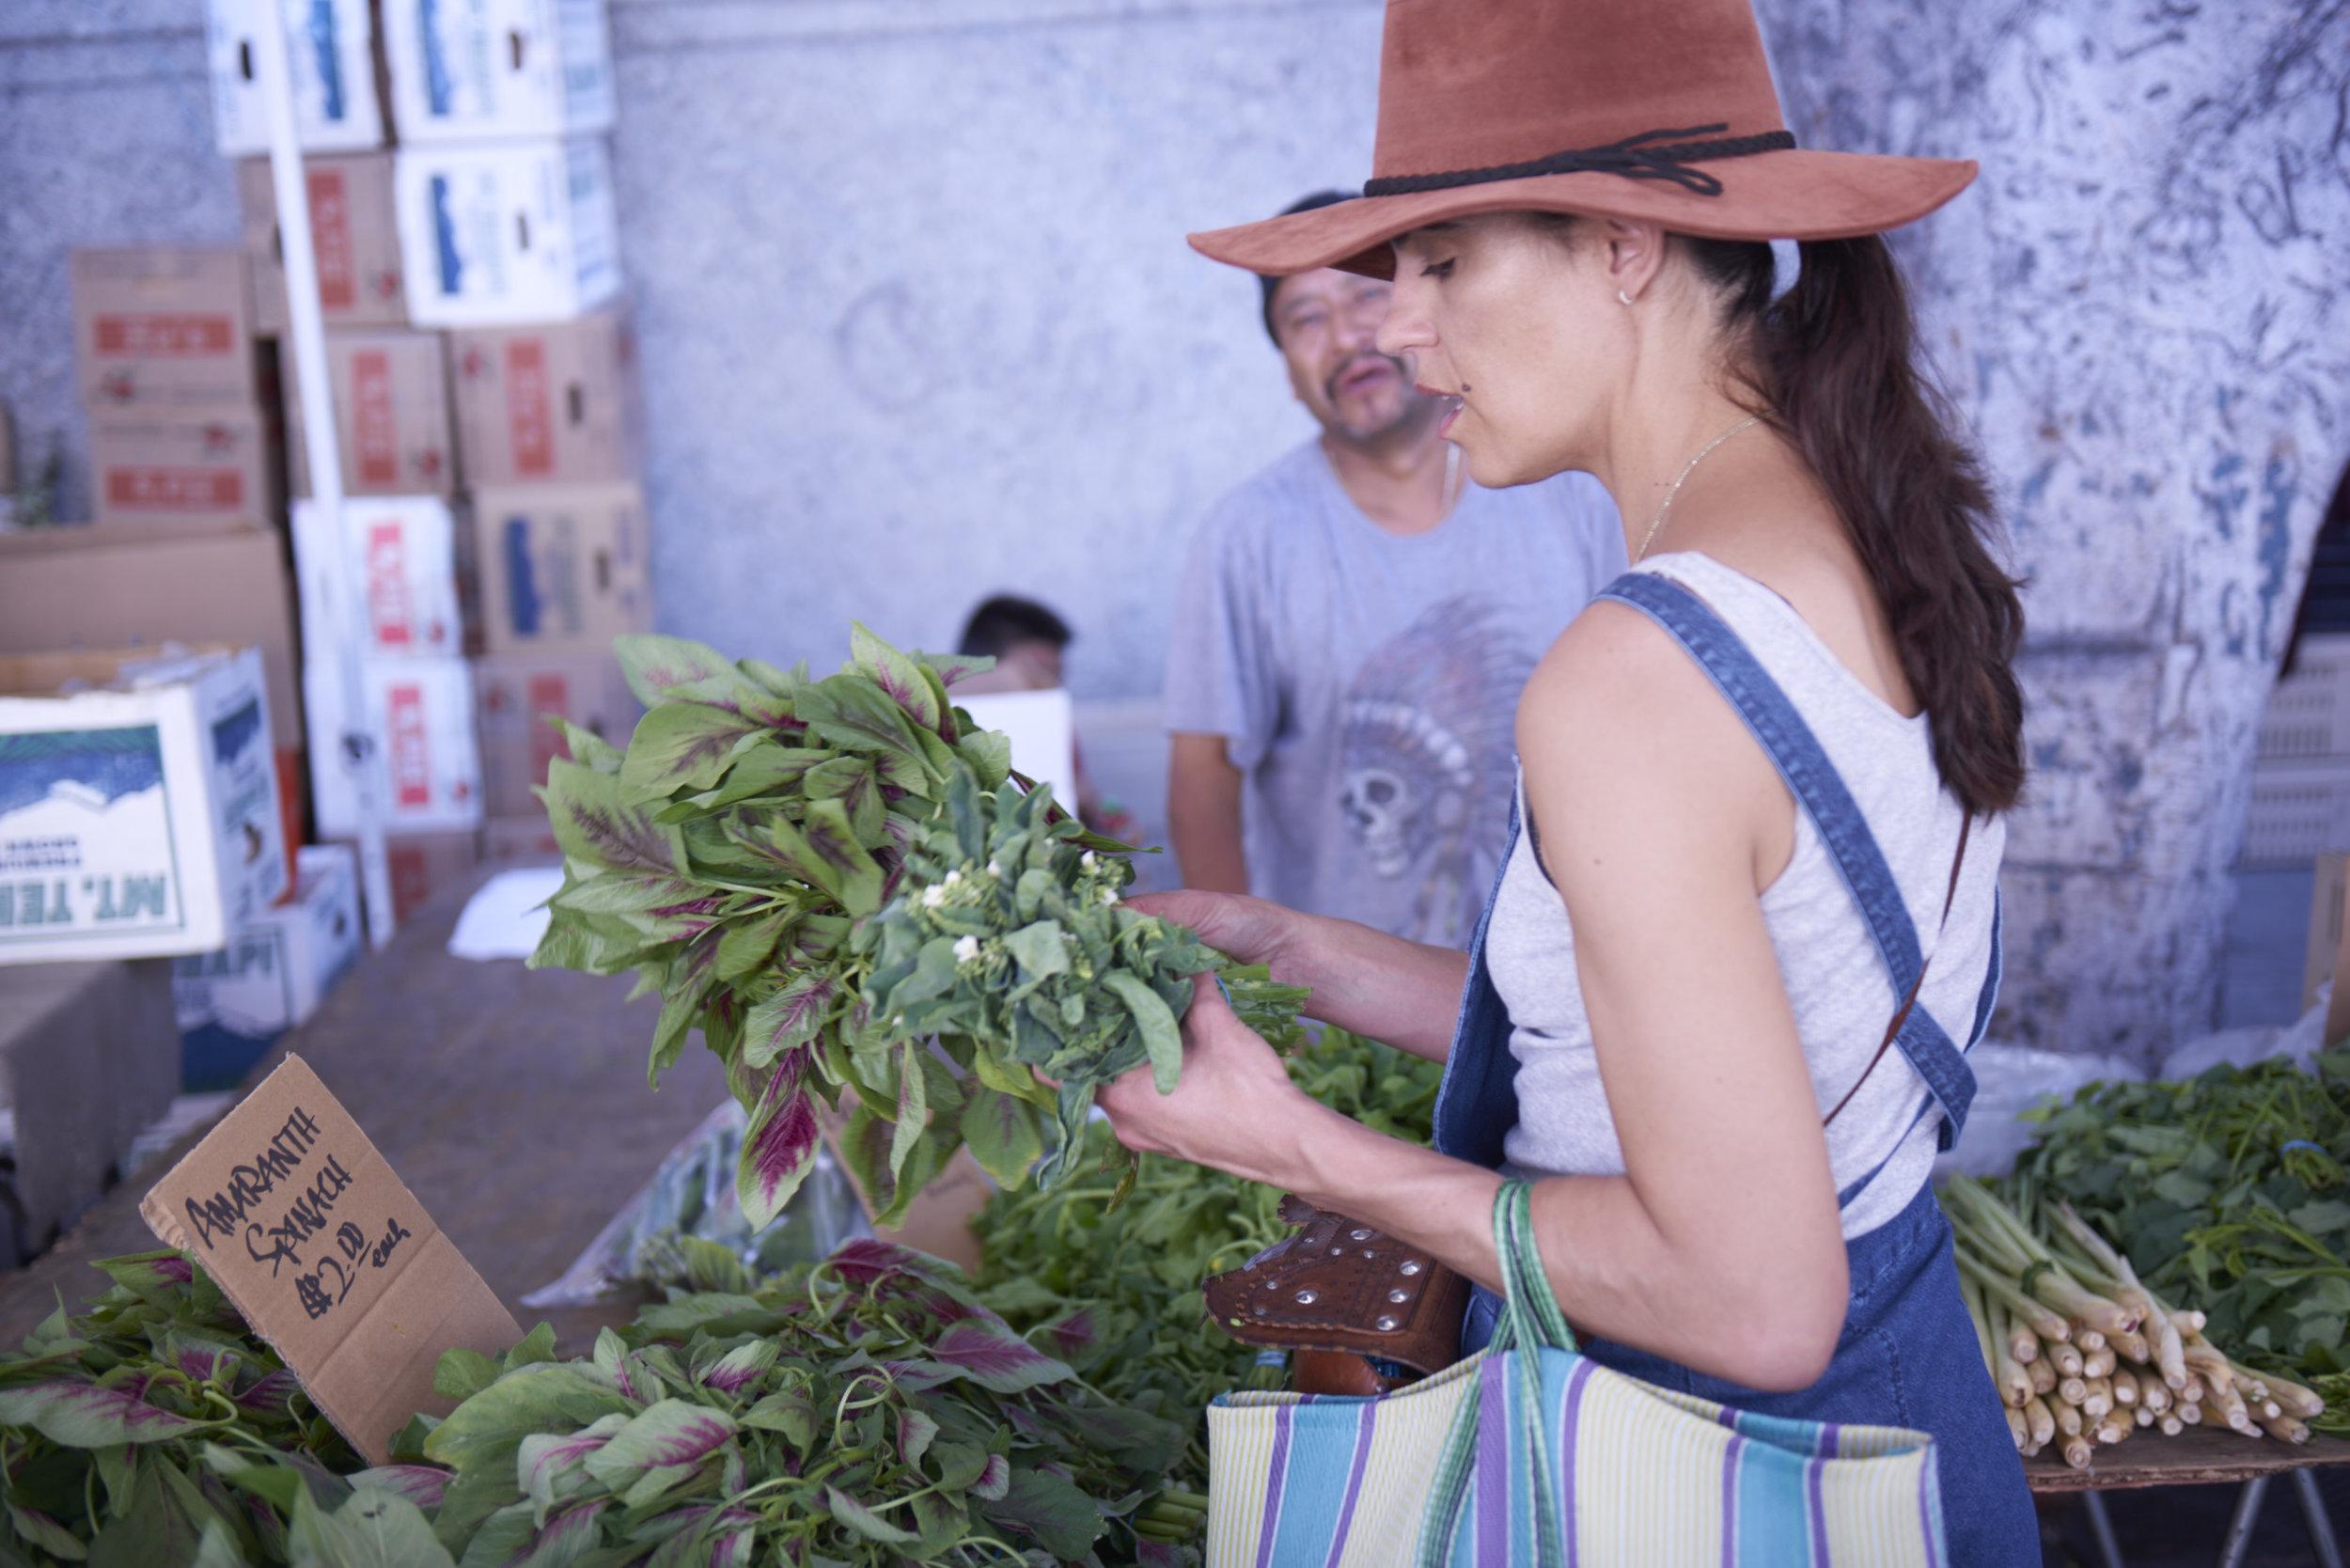 At the farmers market in LA